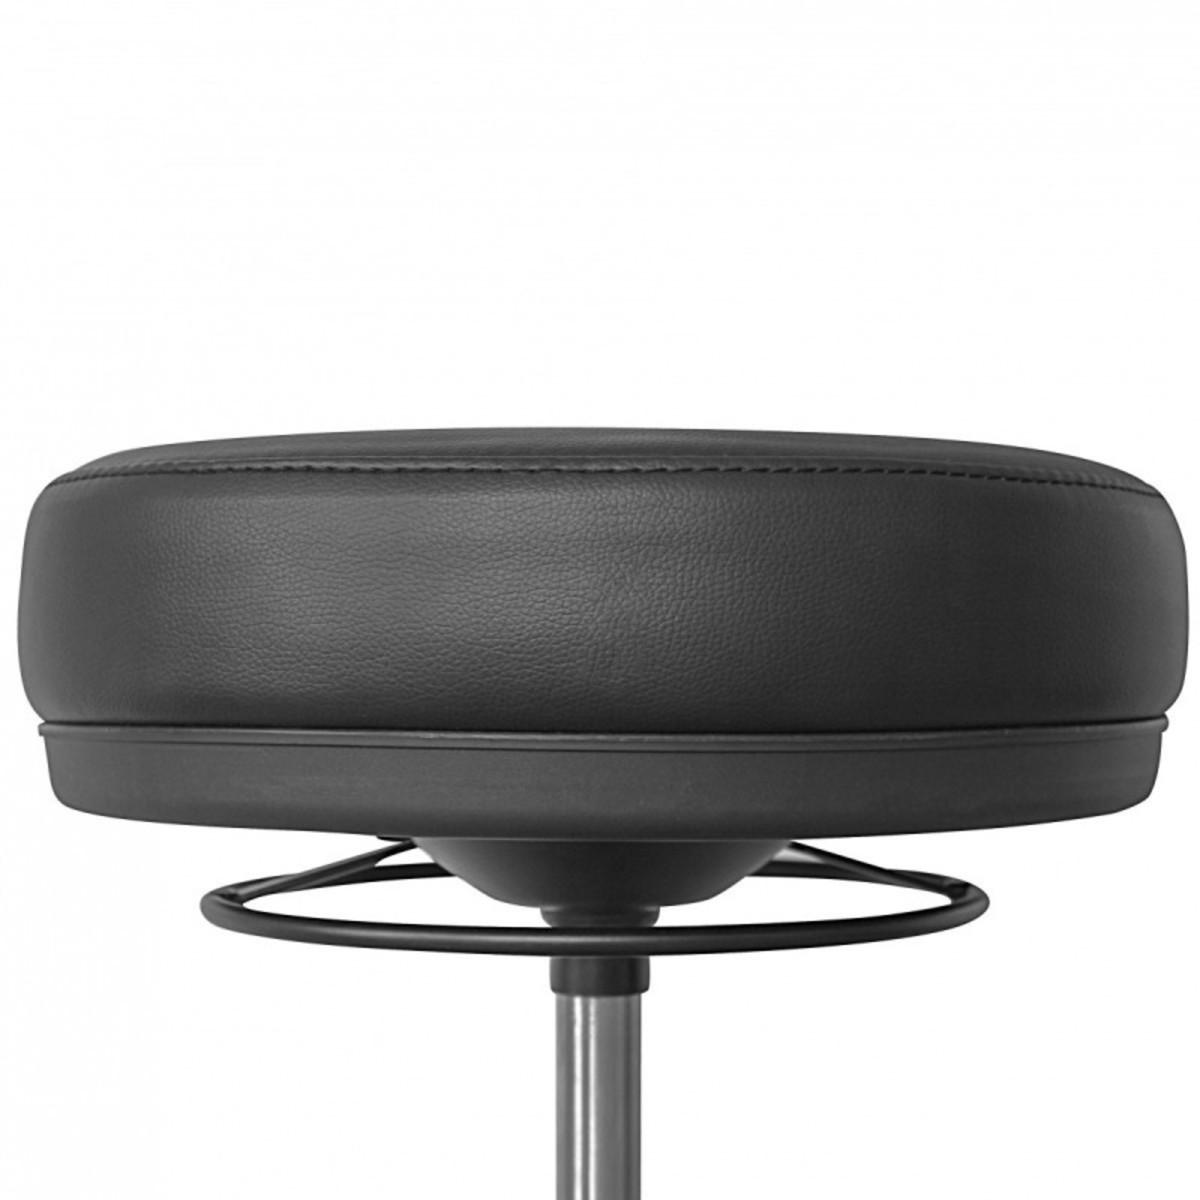 Bild 4 von AMSTYLE Arbeitshocker ROLAND Schwarz Rund Sitzhocker Rollen gebremst Arbeitsstuhl 120 KG Hocker höhe